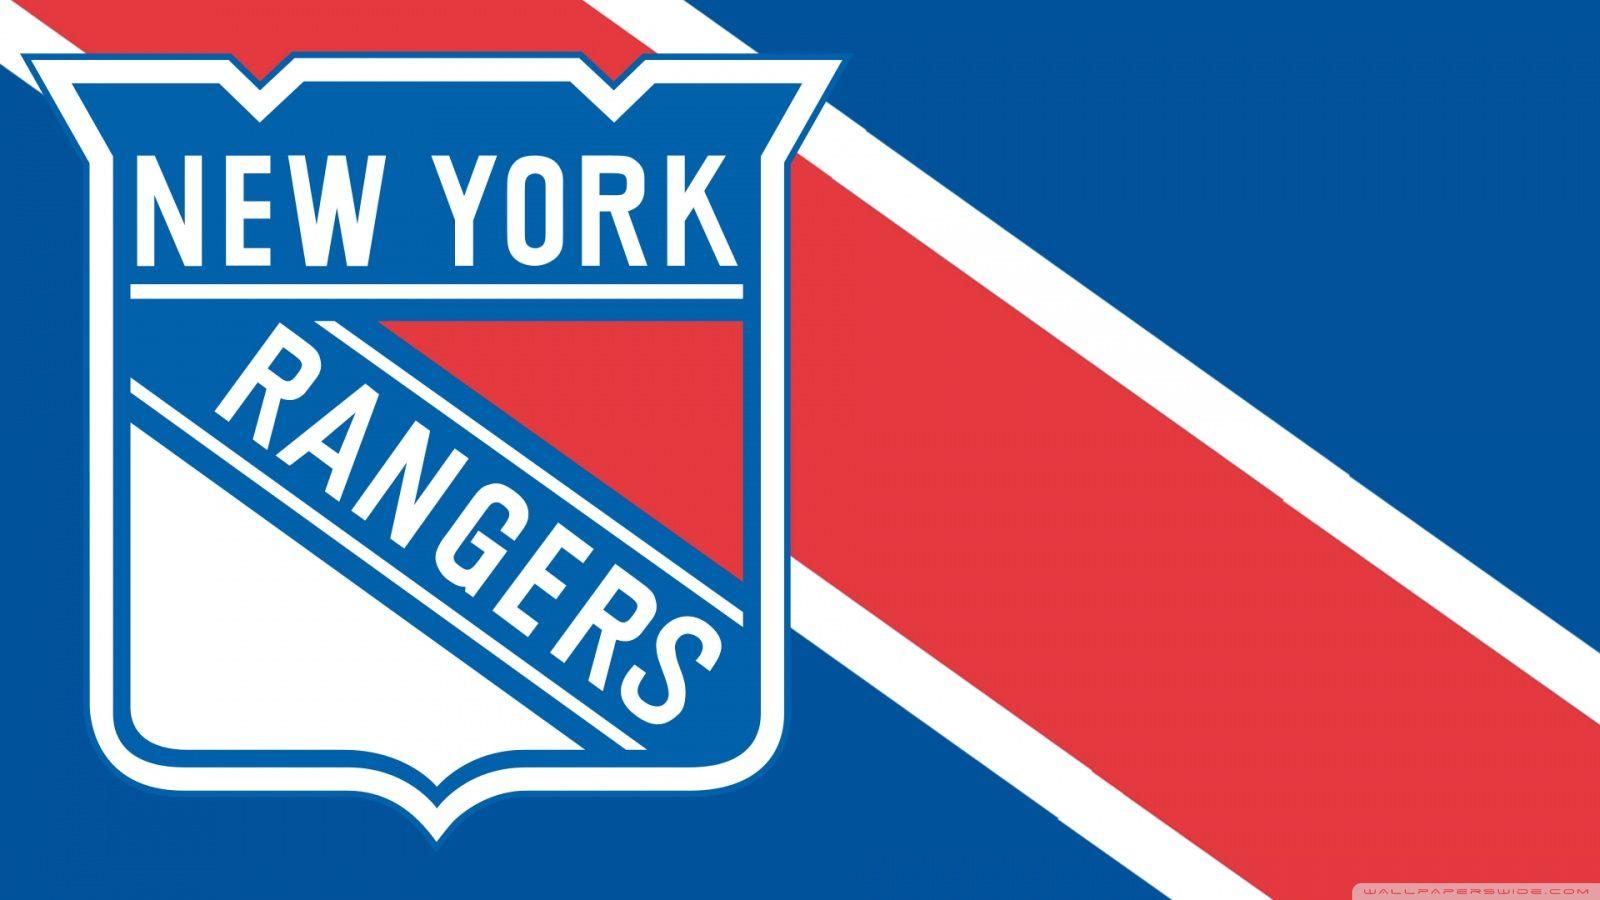 New York Rangers Hd Desktop Wallpaper Widescreen High